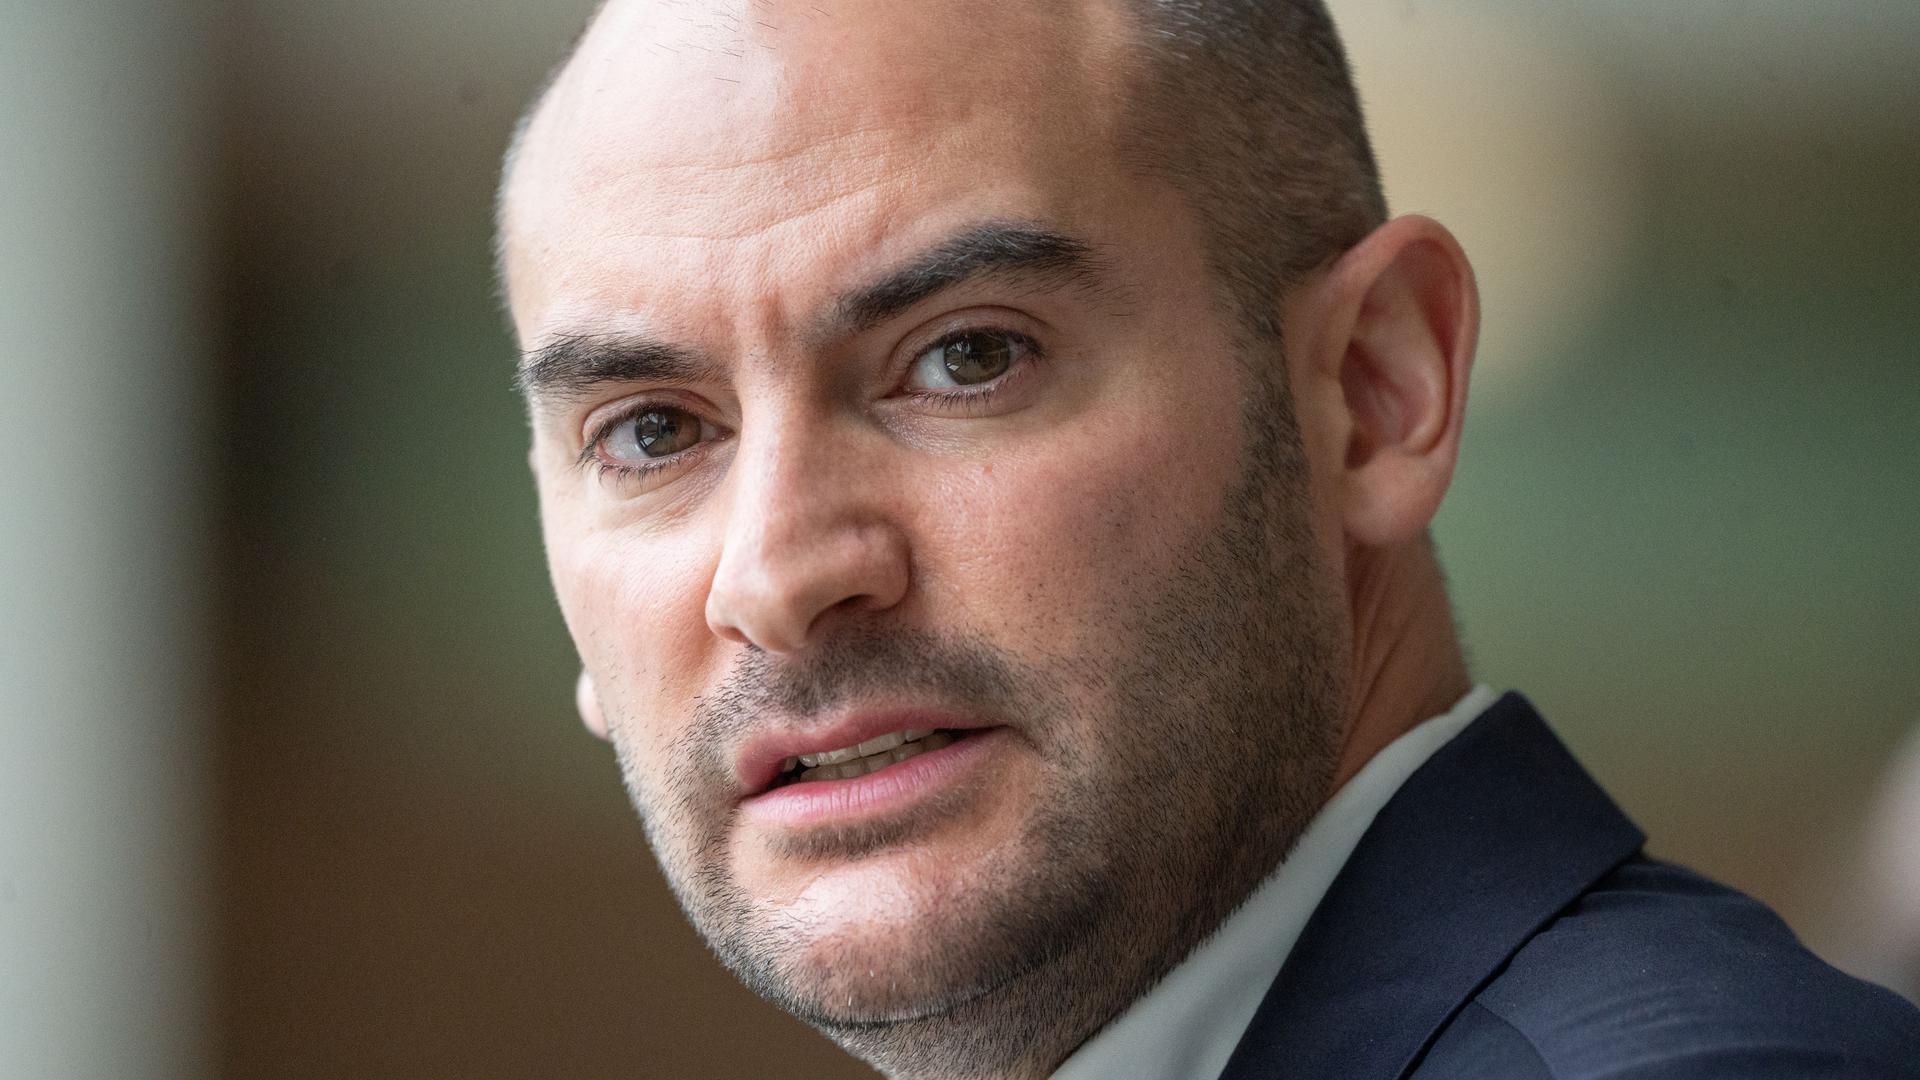 """Zufrieden: Danyal Bayaz, Finanzminister von Baden-Württemberg, ist nach eigener Aussage in seinem neuen Amt voll angekommen. Er sagt: """"Mir macht die Aufgabe und die Verantwortung Freude."""""""